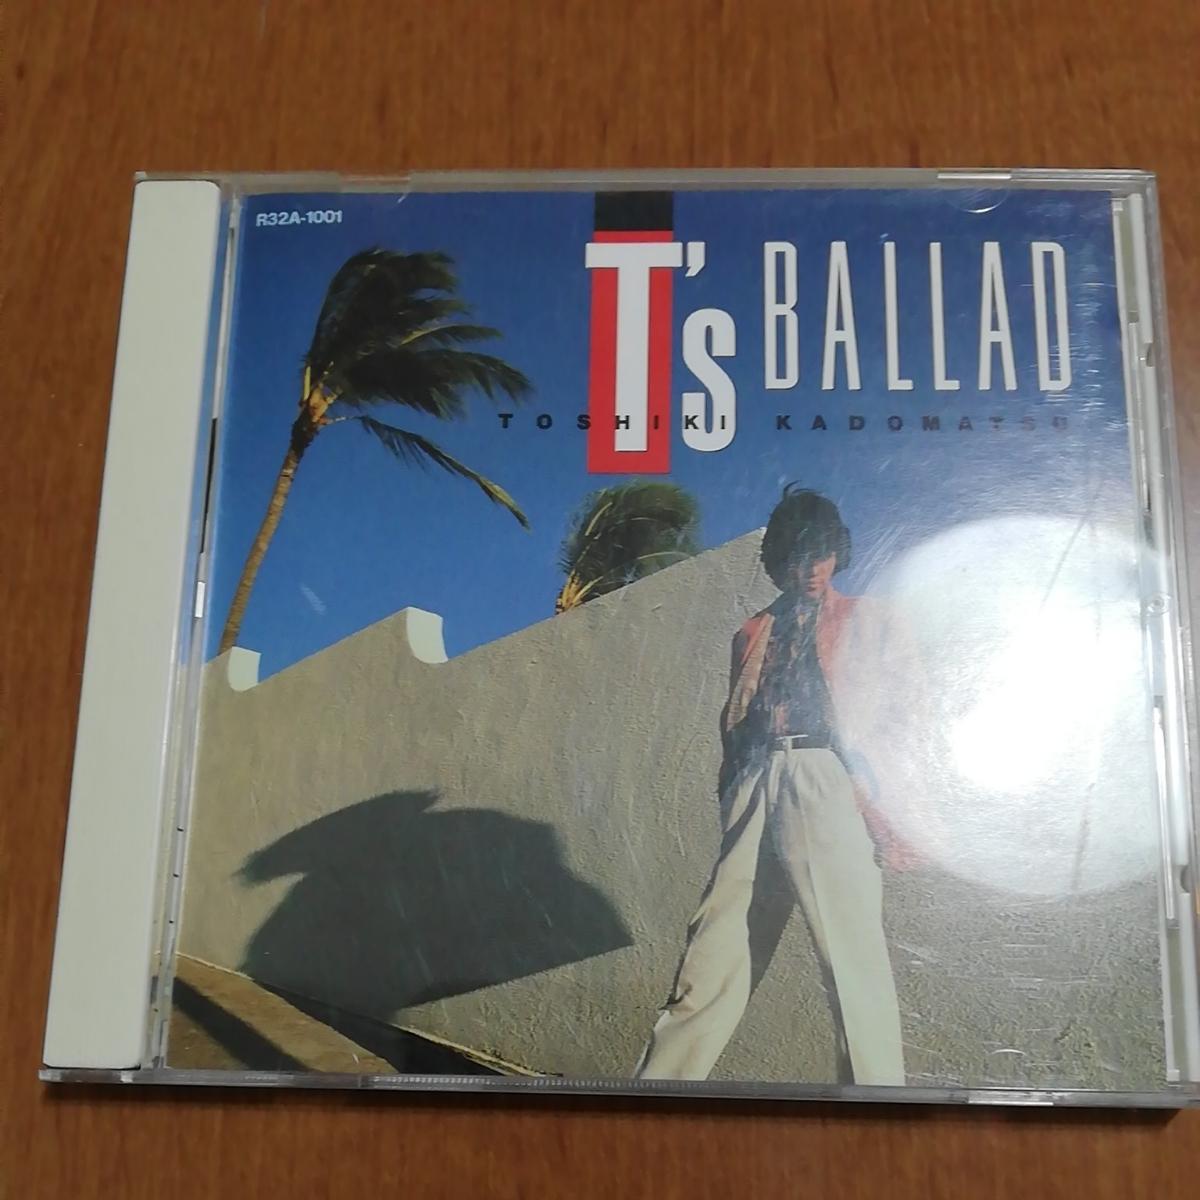 中古CD T's BALLAD 角松敏生